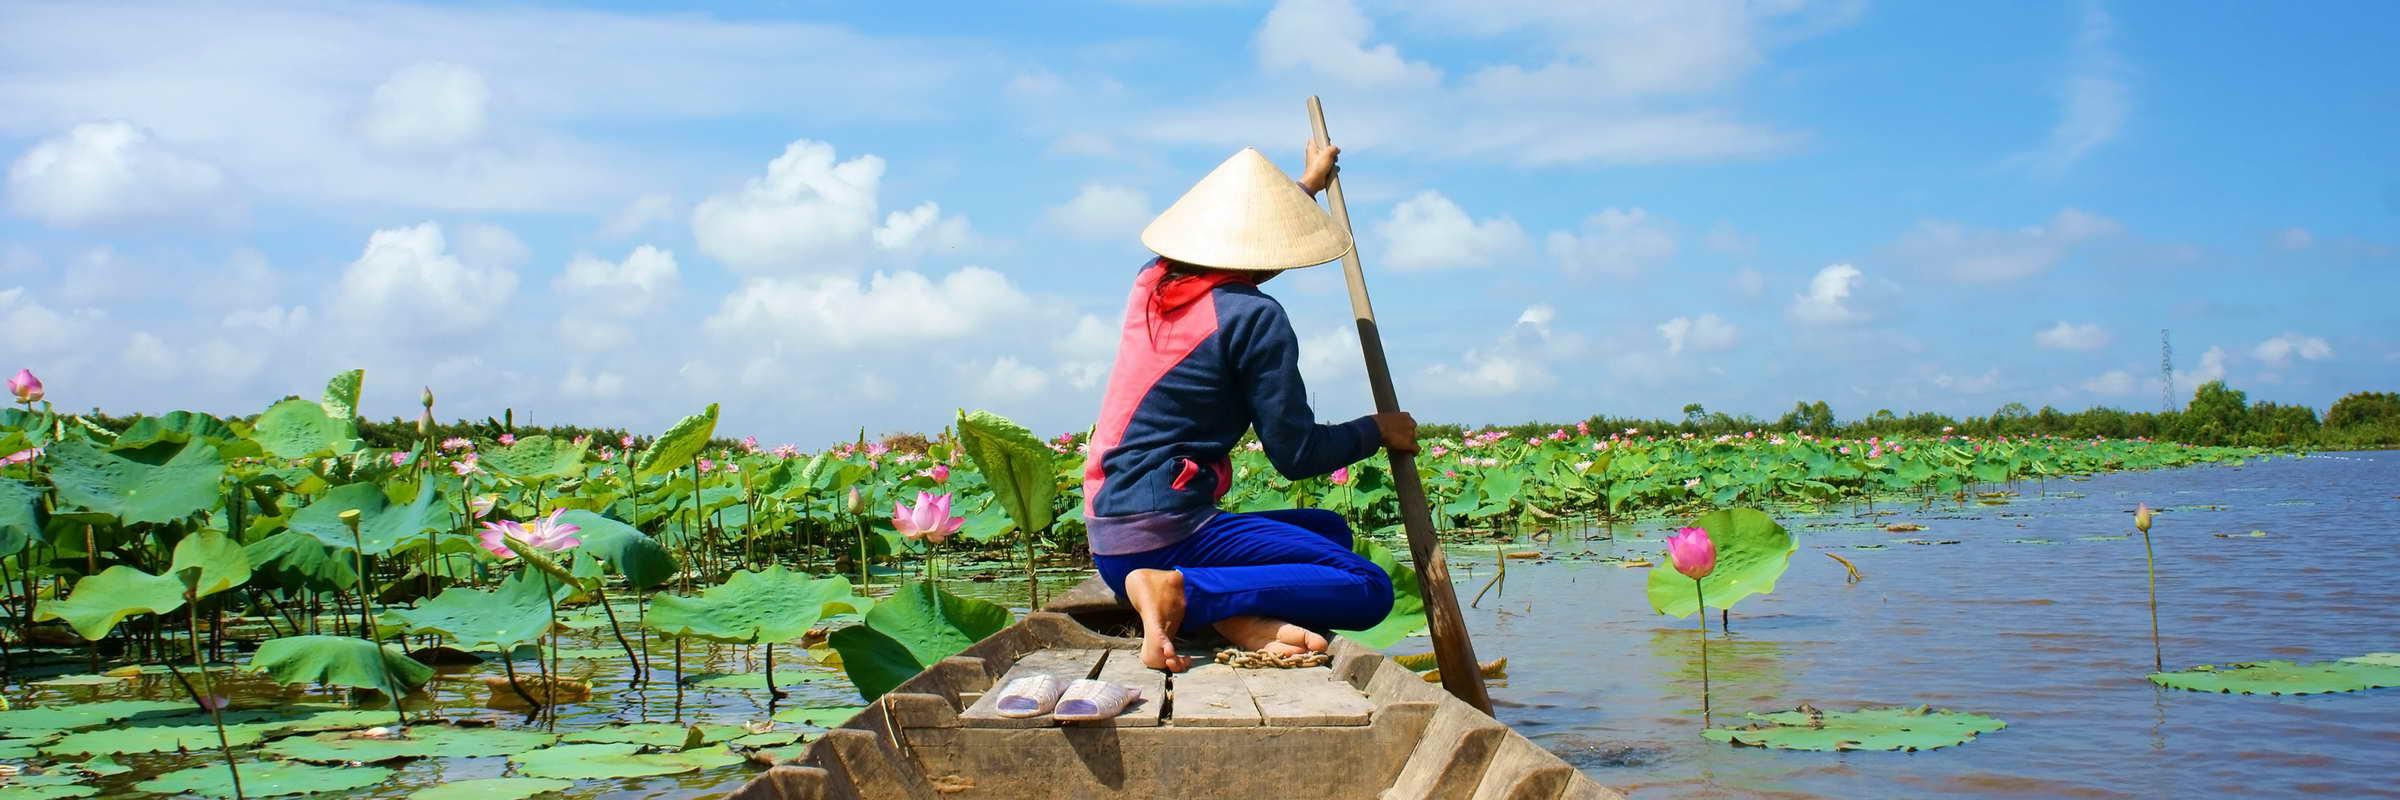 Vietnamesische Frauen fahren mit dem Boot in das Mekong Delta und pflücken Lotusblüten